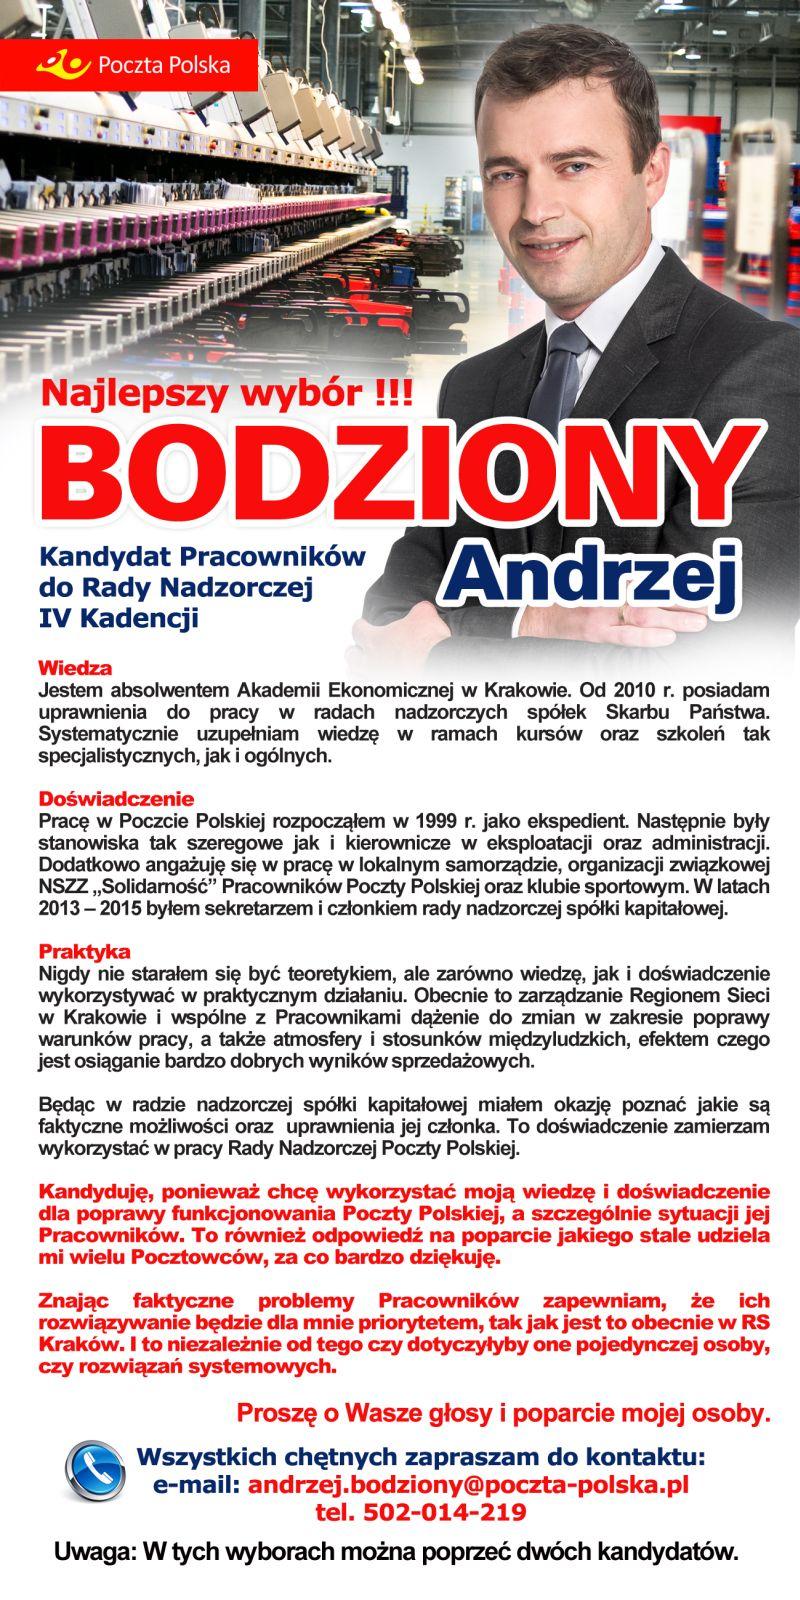 http://www.solidarnosc-poczta.pl/Obrazki/wybory/ulotka_a.jpg